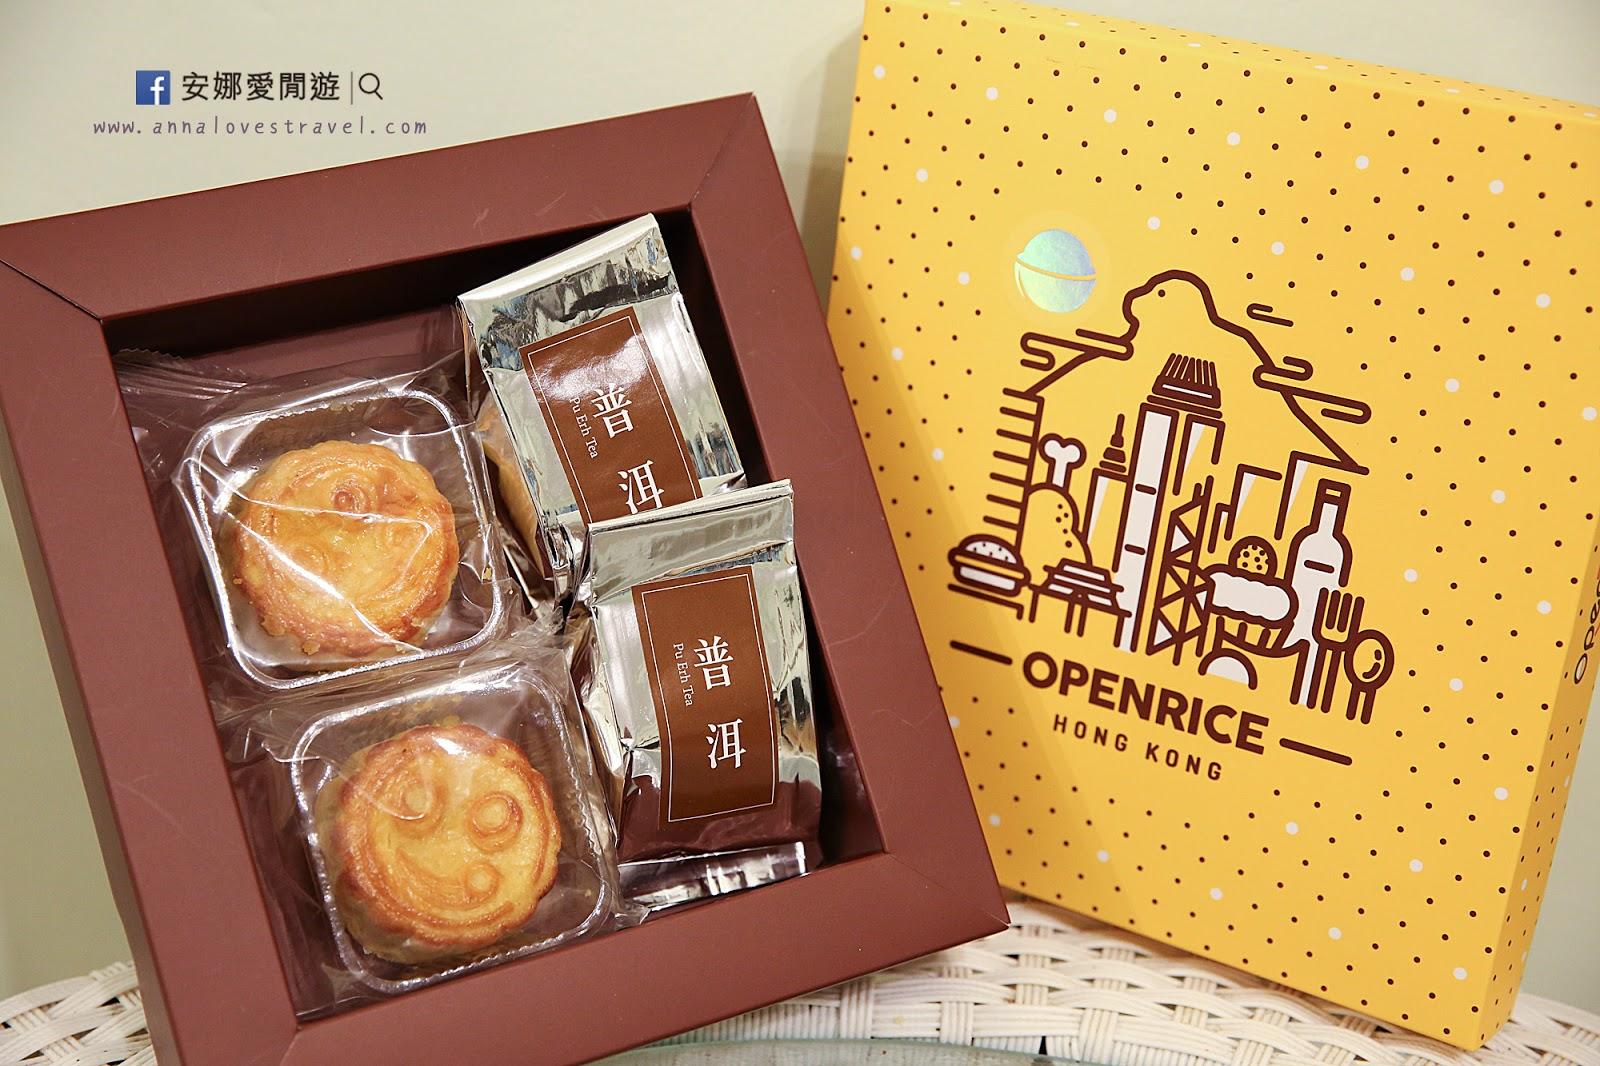 【2015月餅系列】中秋月餅禮盒大集合 | 安娜愛閒遊